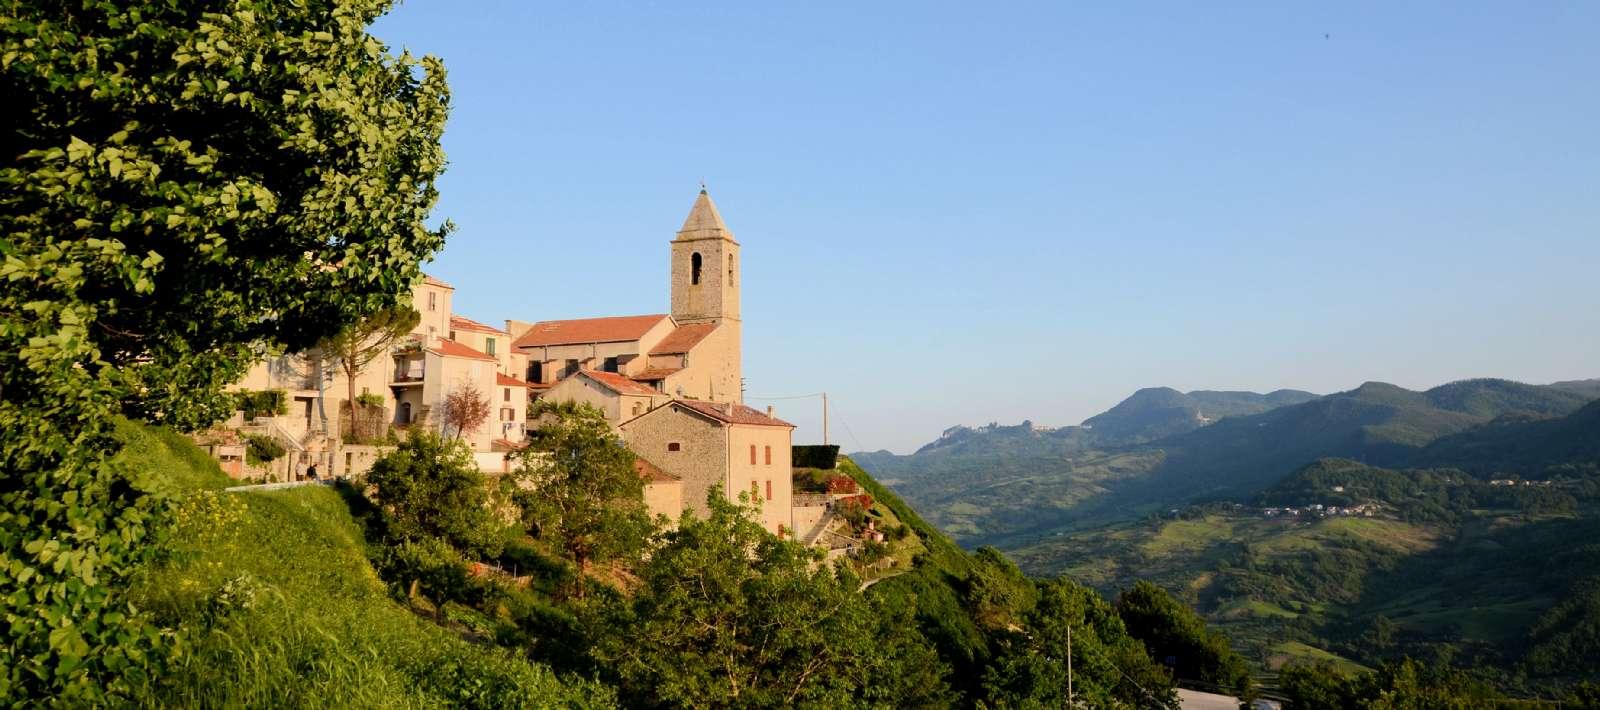 B&B San Pietro ligger i en ägendom sidan om kyrkan